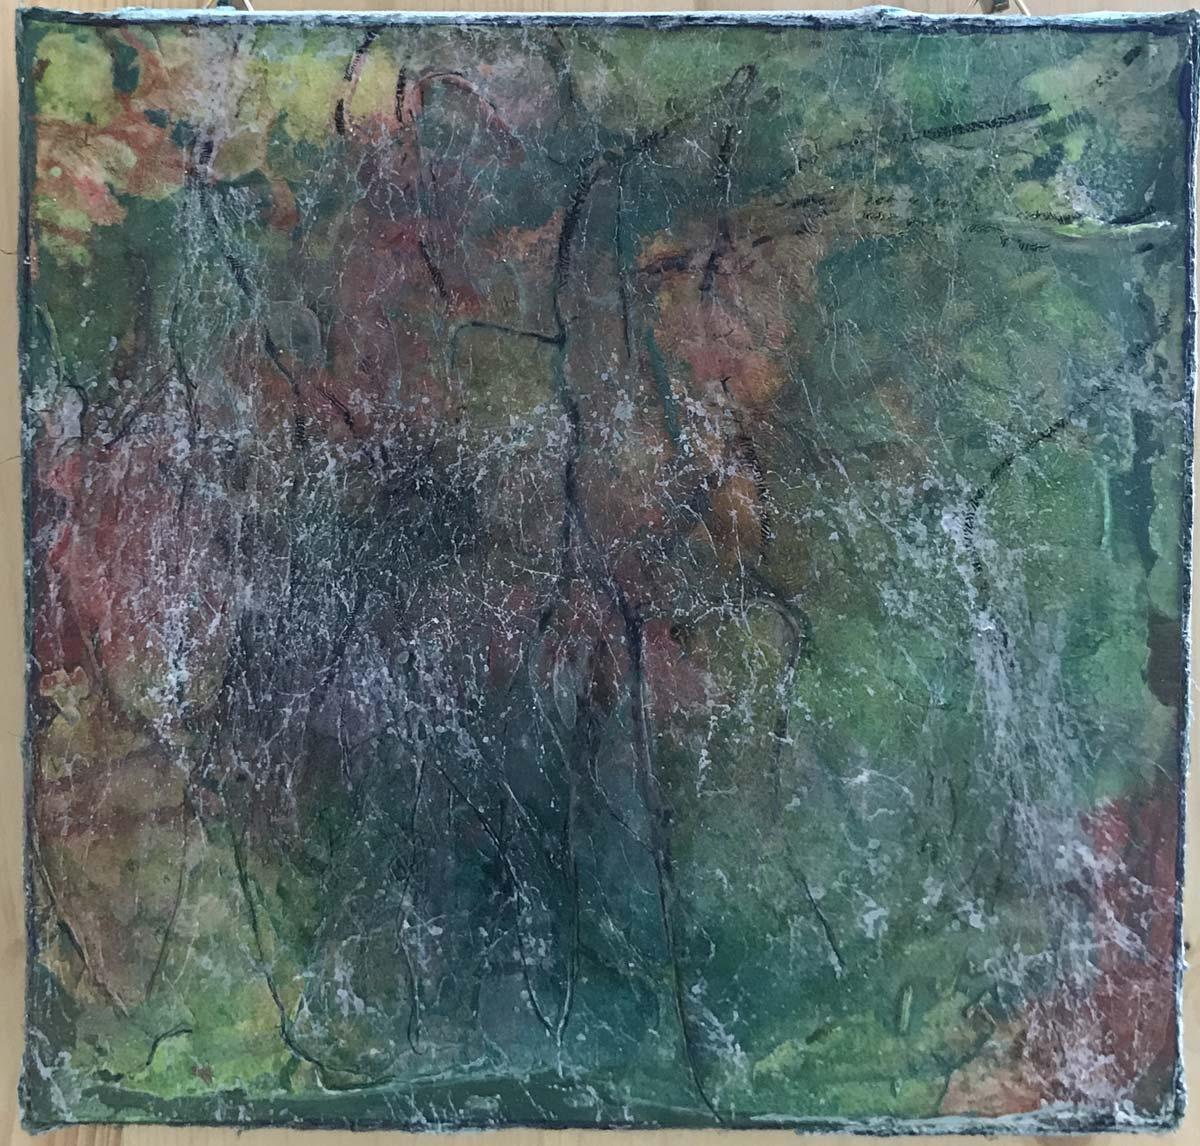 """Werk von Claudia Friedmann - Titel: """"zerkluftete Landschaft"""" - Technik: Holzkörper, Mischfarbe, Spachtel-Technik"""